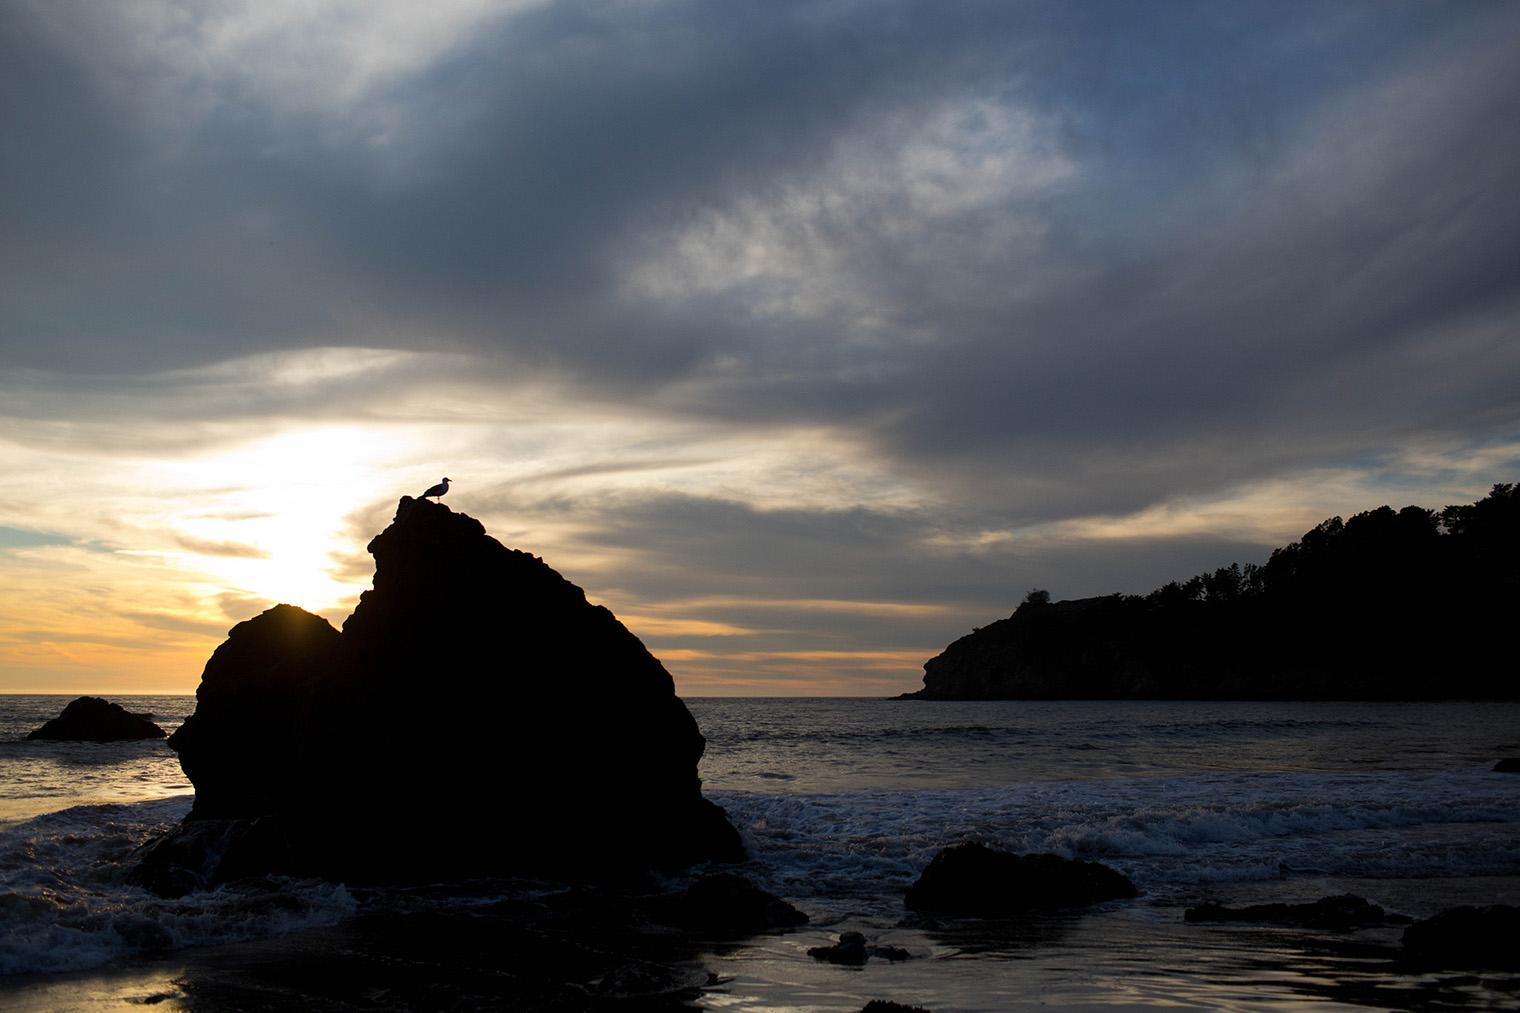 sunset photos at muir beach